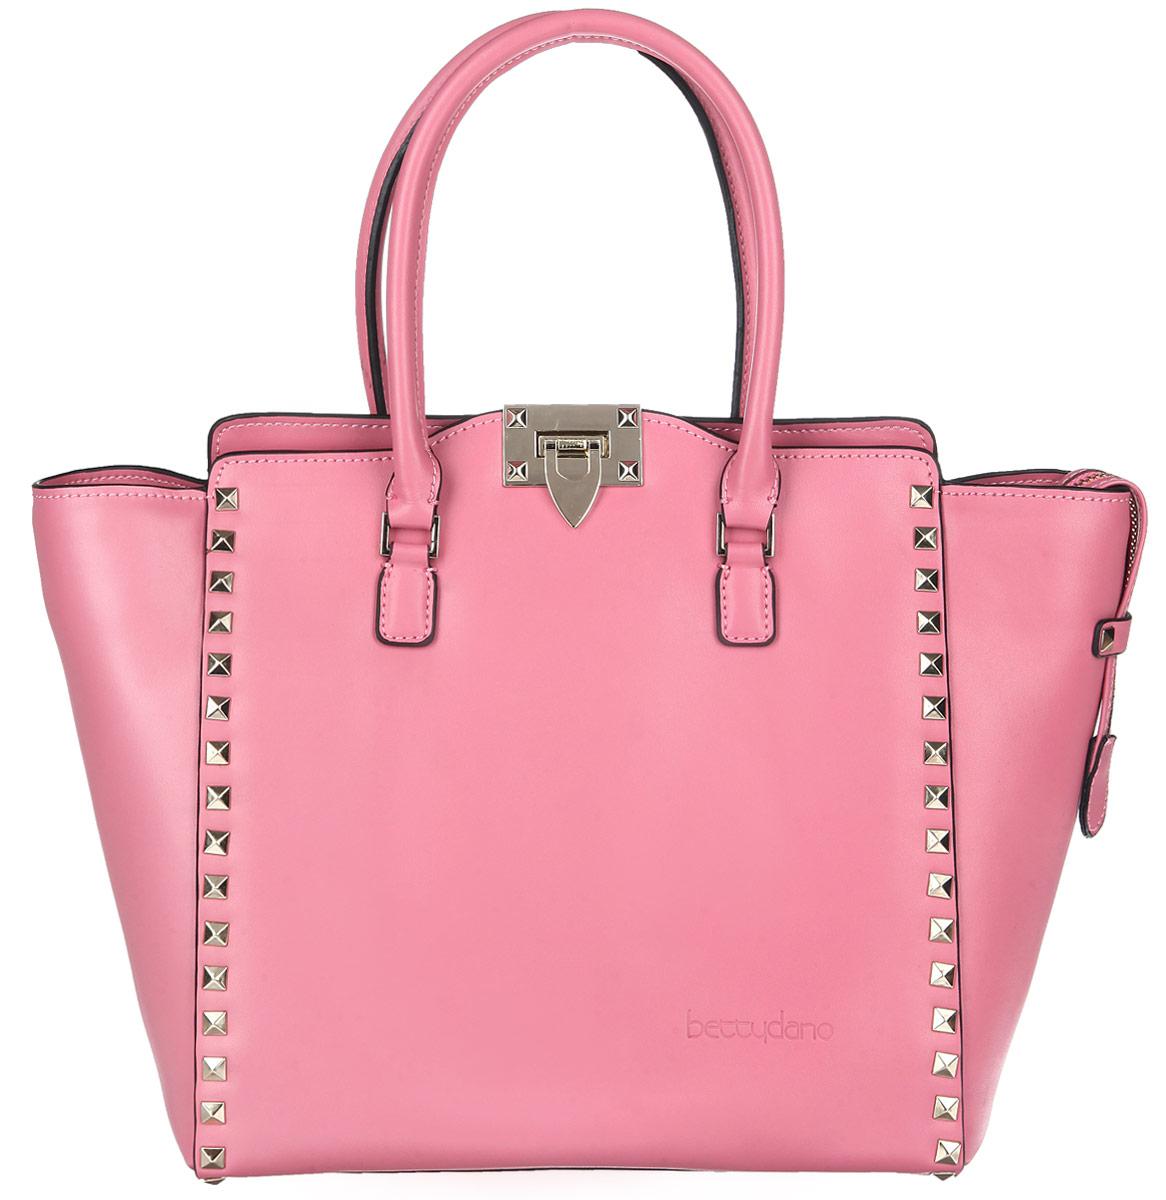 Сумка женская Bettydano, цвет: розовый. L30421-R5L30421-R5Элегантная женская сумка Bettydano выполнена из натуральной кожи с гладкой фактурой, оформлена металлической фурнитурой и тиснением с названием бренда. Изделие содержит одно основное отделение, которое закрывается на застежку-молнию и дополнительно на замок-защелку. Внутри сумки расположены два накладных кармашка для мелочей и врезной карман на застежке-молнии. Сумка оснащена практичными ручками и съемным плечевым ремнем регулируемой длины, которые позволят носить изделие, как в руках, так и на плече. Дно изделия дополнено металлическими ножками. Модный аксессуар позволит вам завершить образ и быть неотразимой.